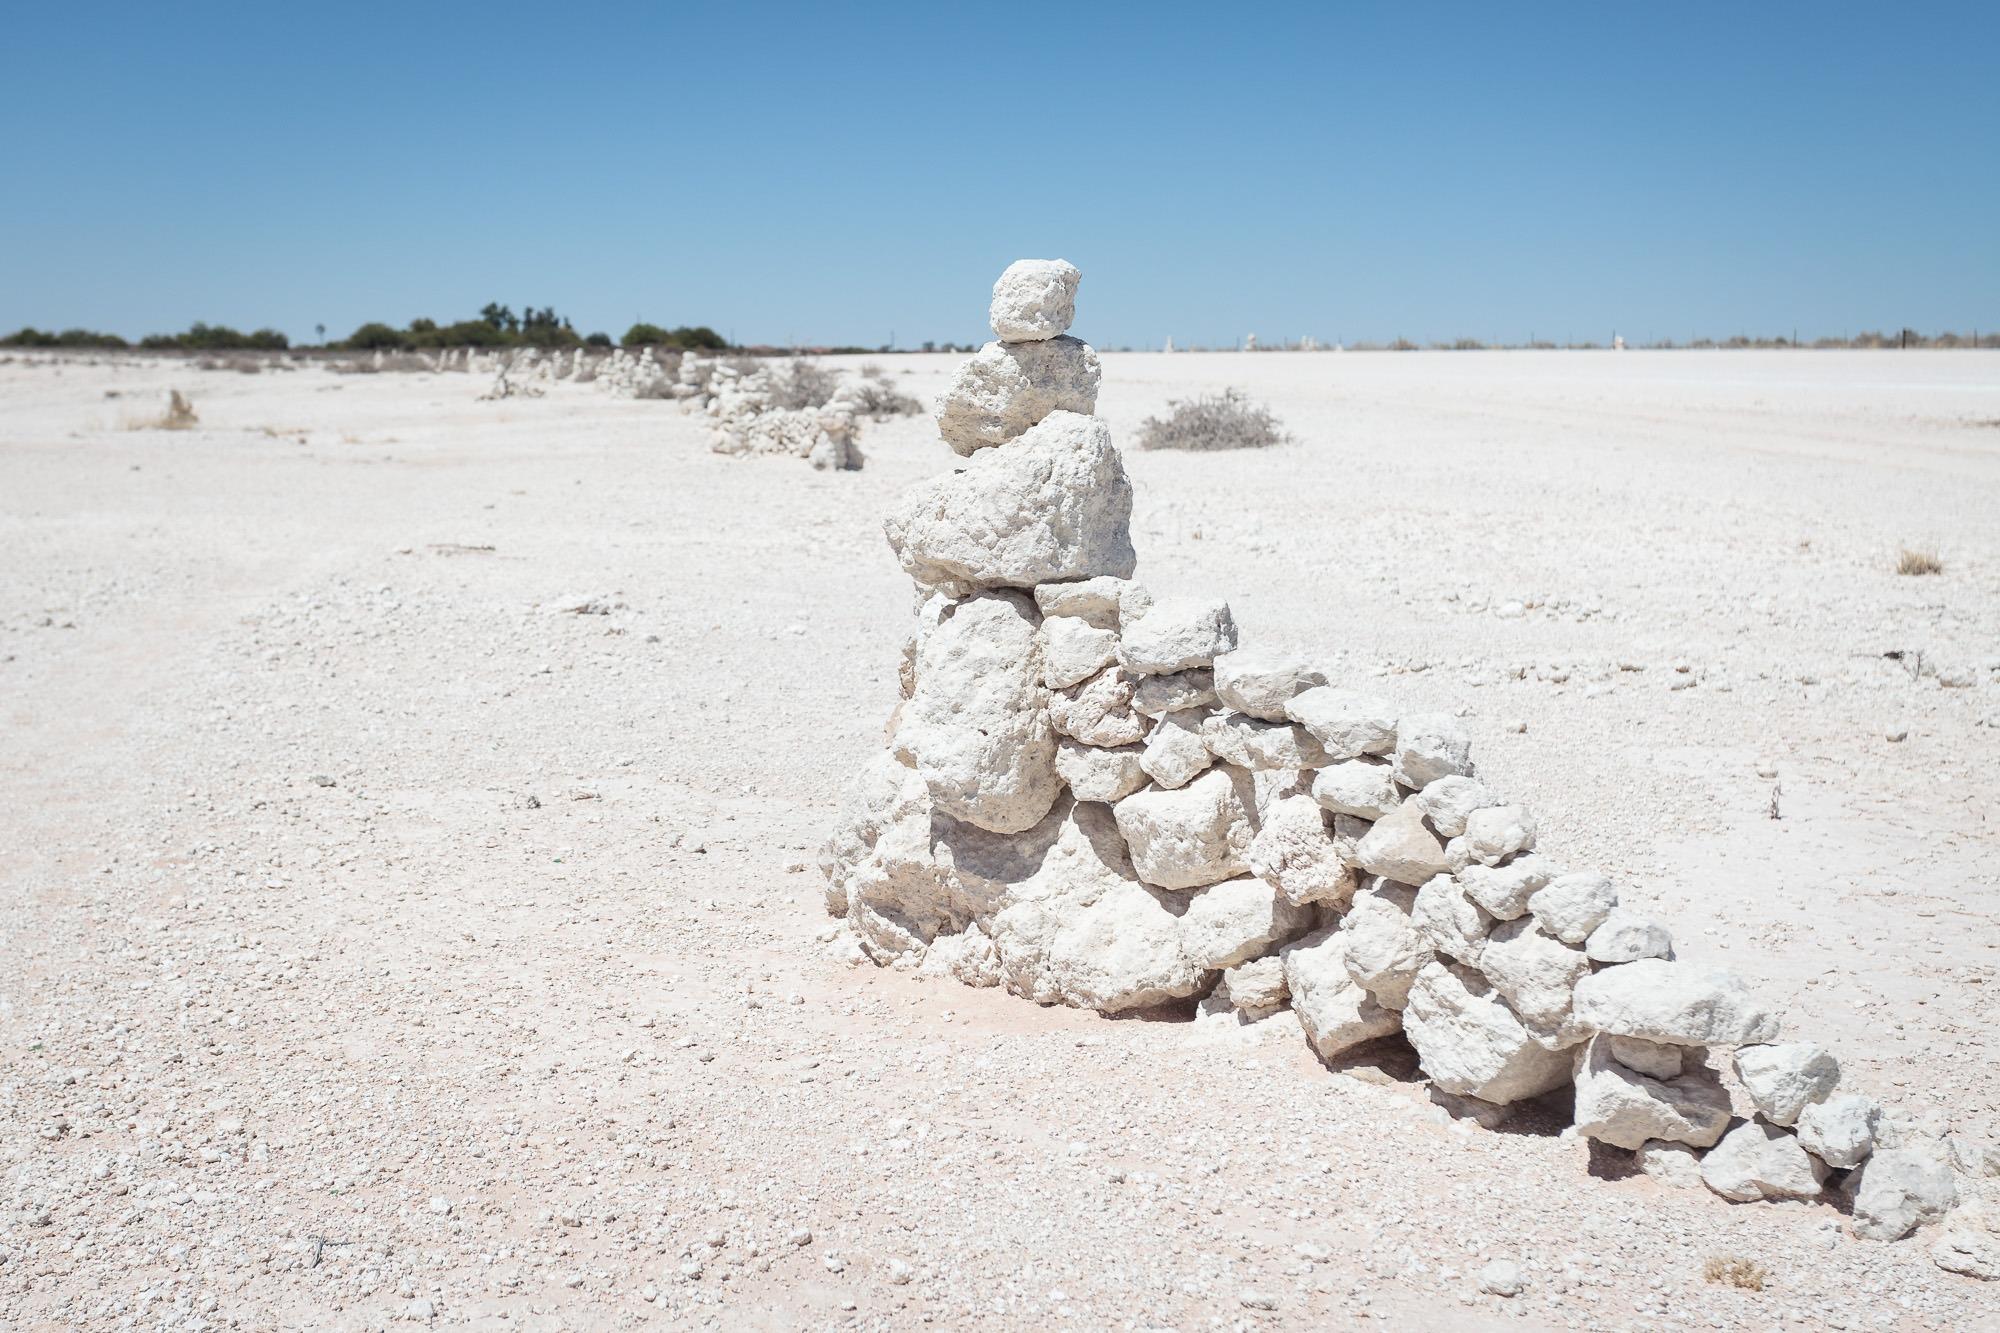 Steinstrukturen am Rand einer Staubpiste in Namibia